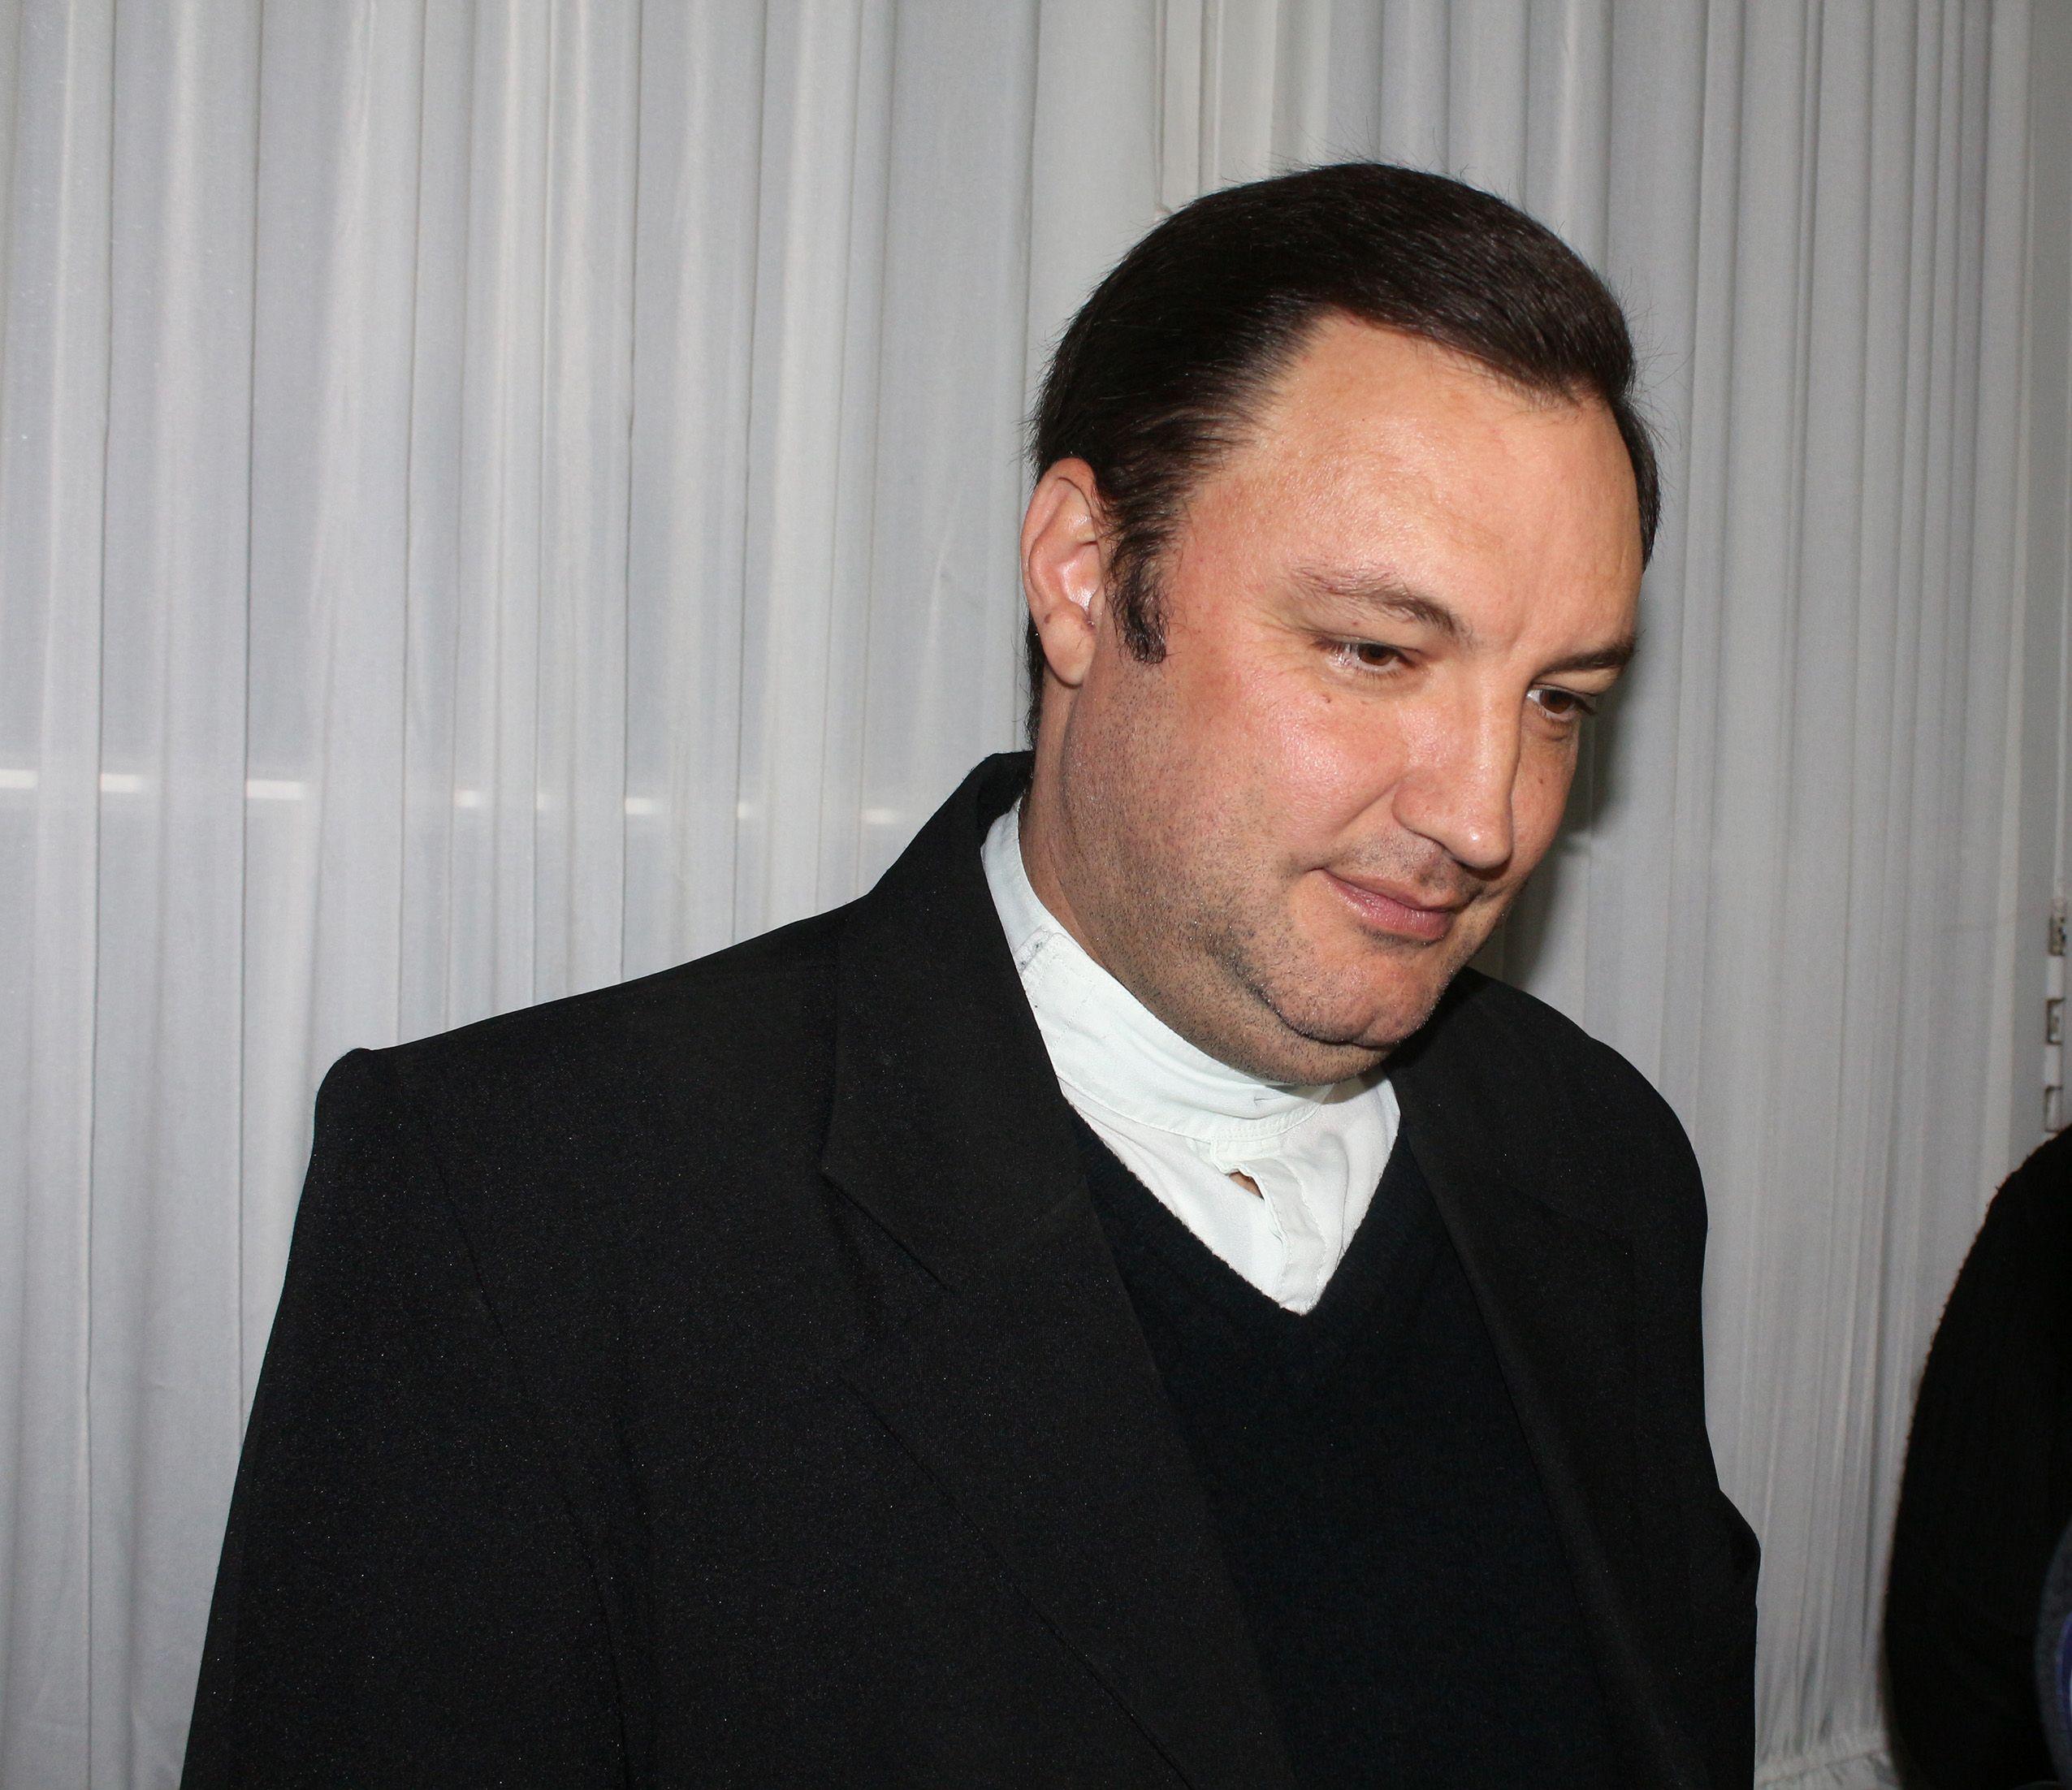 El cura investigado. Luis Brizzio fue denunciado por un hombre por episodios de abuso hace 20 años.